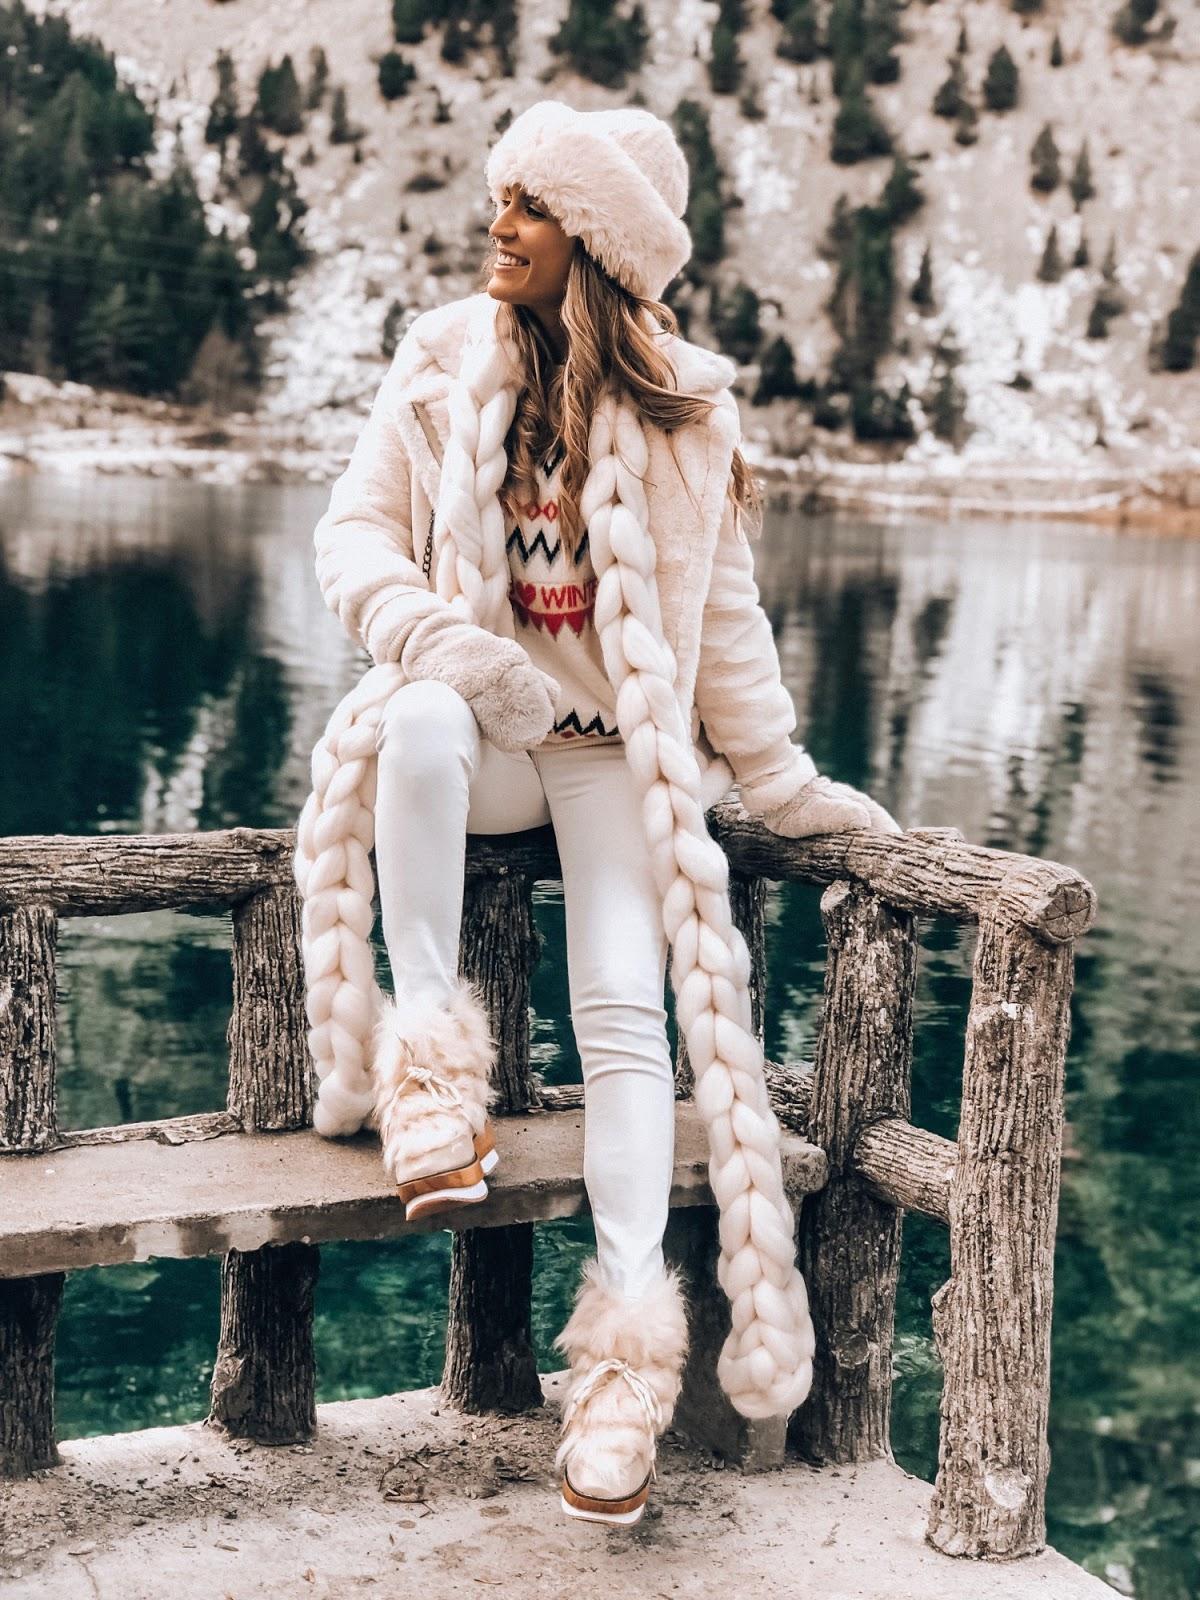 vestir de blanco en invierno es tendencia